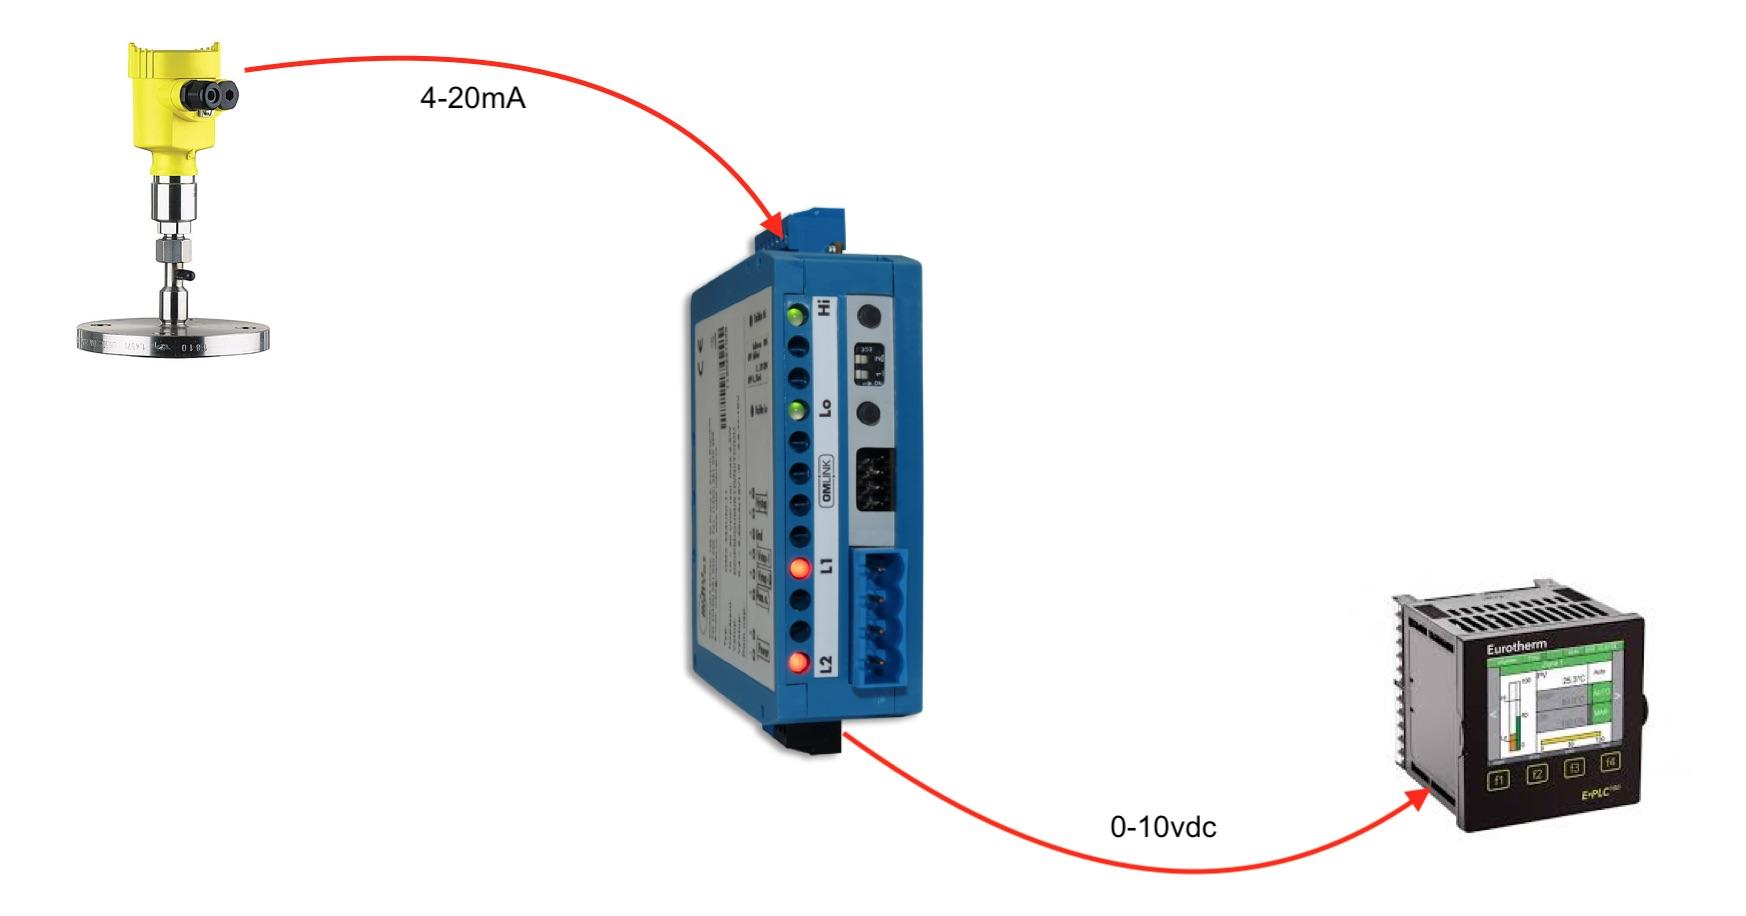 Ứng dụng bộ chuyển 4-20mA sang 0-10v